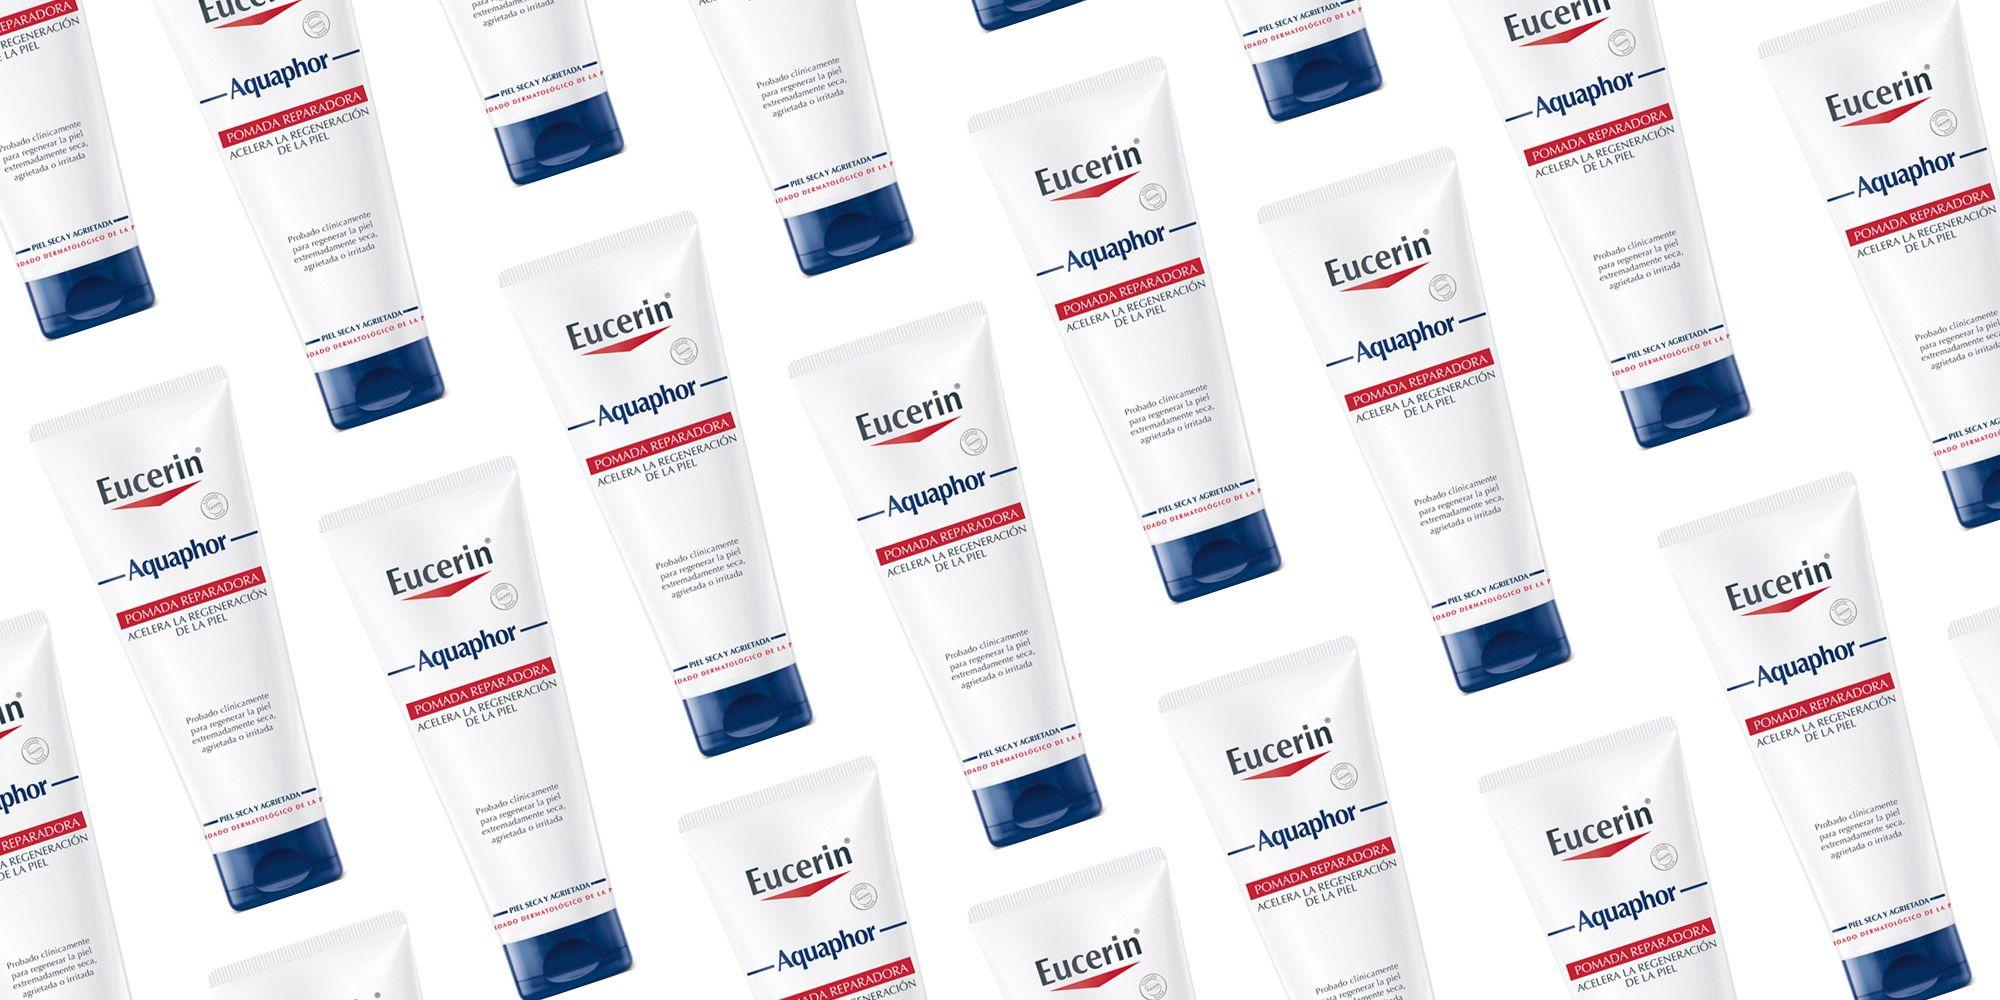 Los 5 Usos Por Los Que Eucerin Aquaphor Es Básica Los Usos De Eucerin Aquaphor